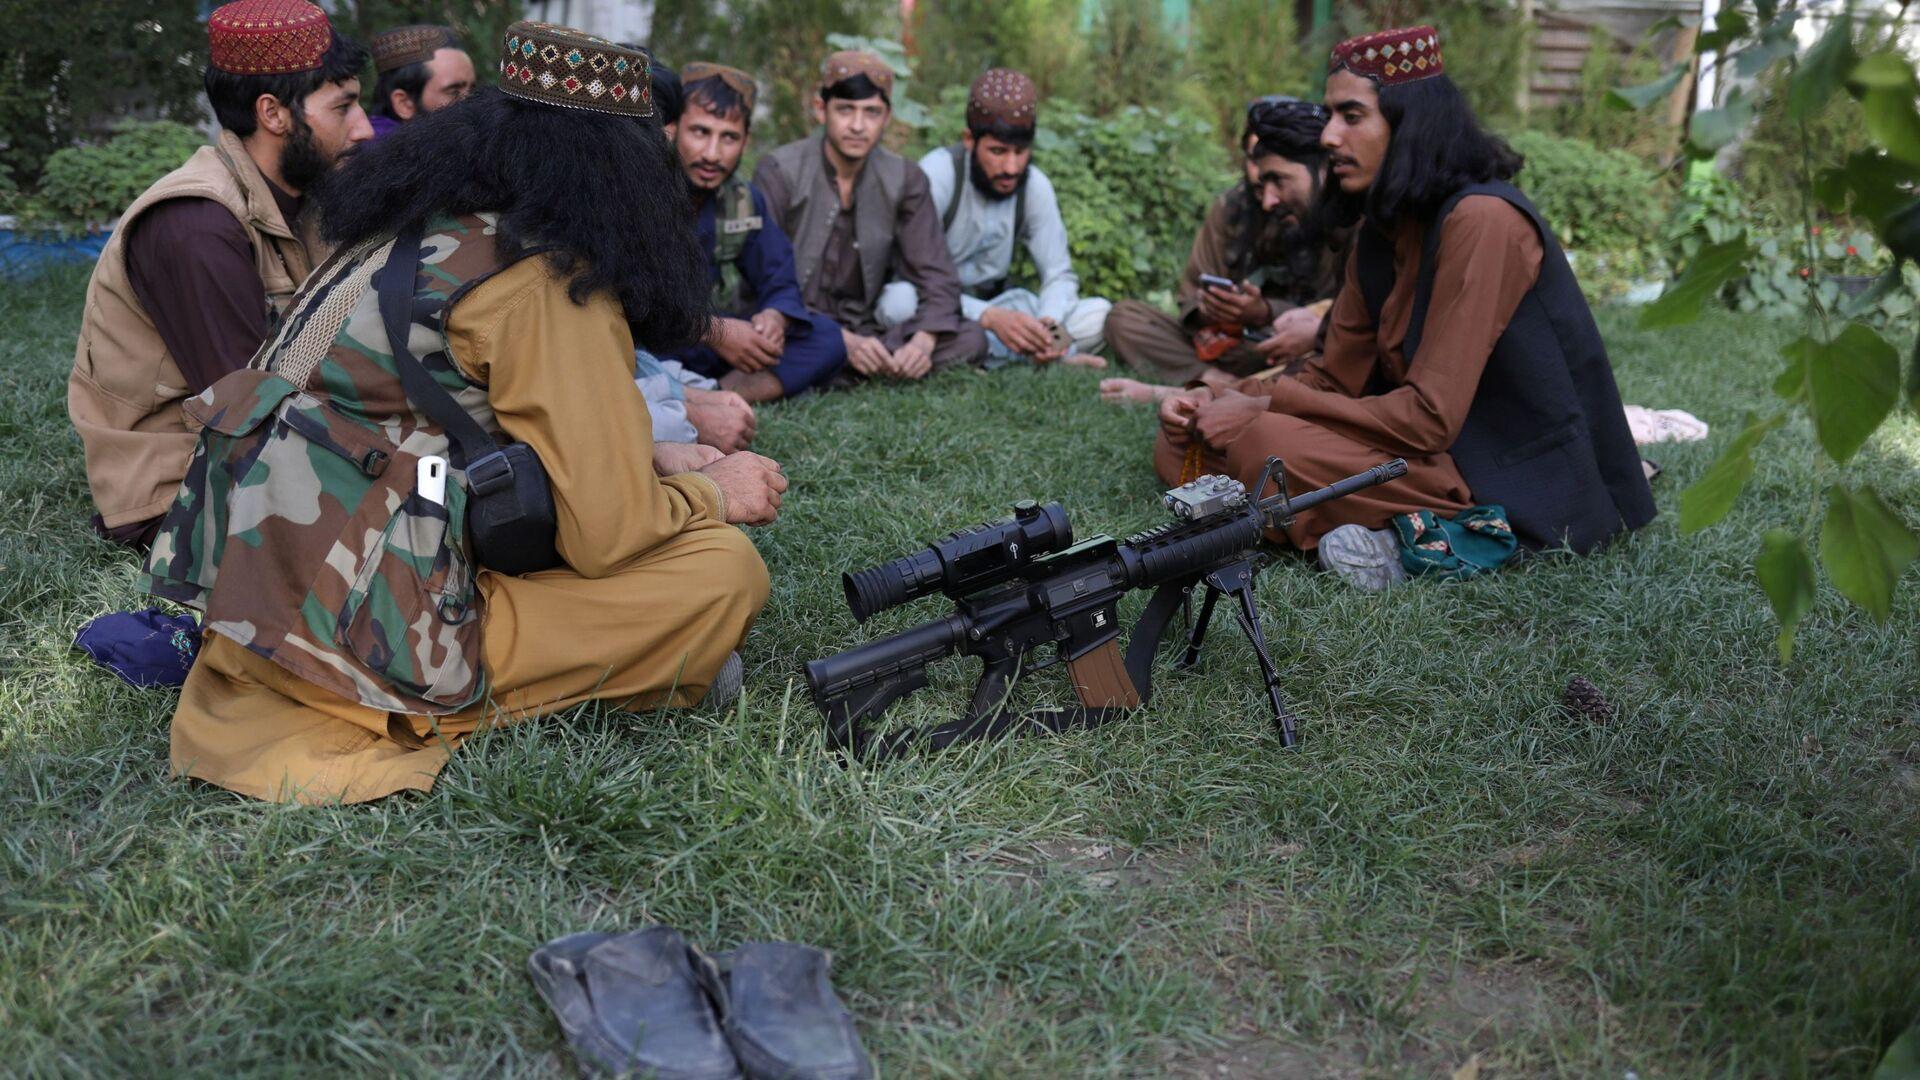 Boytsы Talibana* v parke razvlecheniy v Kabule  - Sputnik Oʻzbekiston, 1920, 16.09.2021